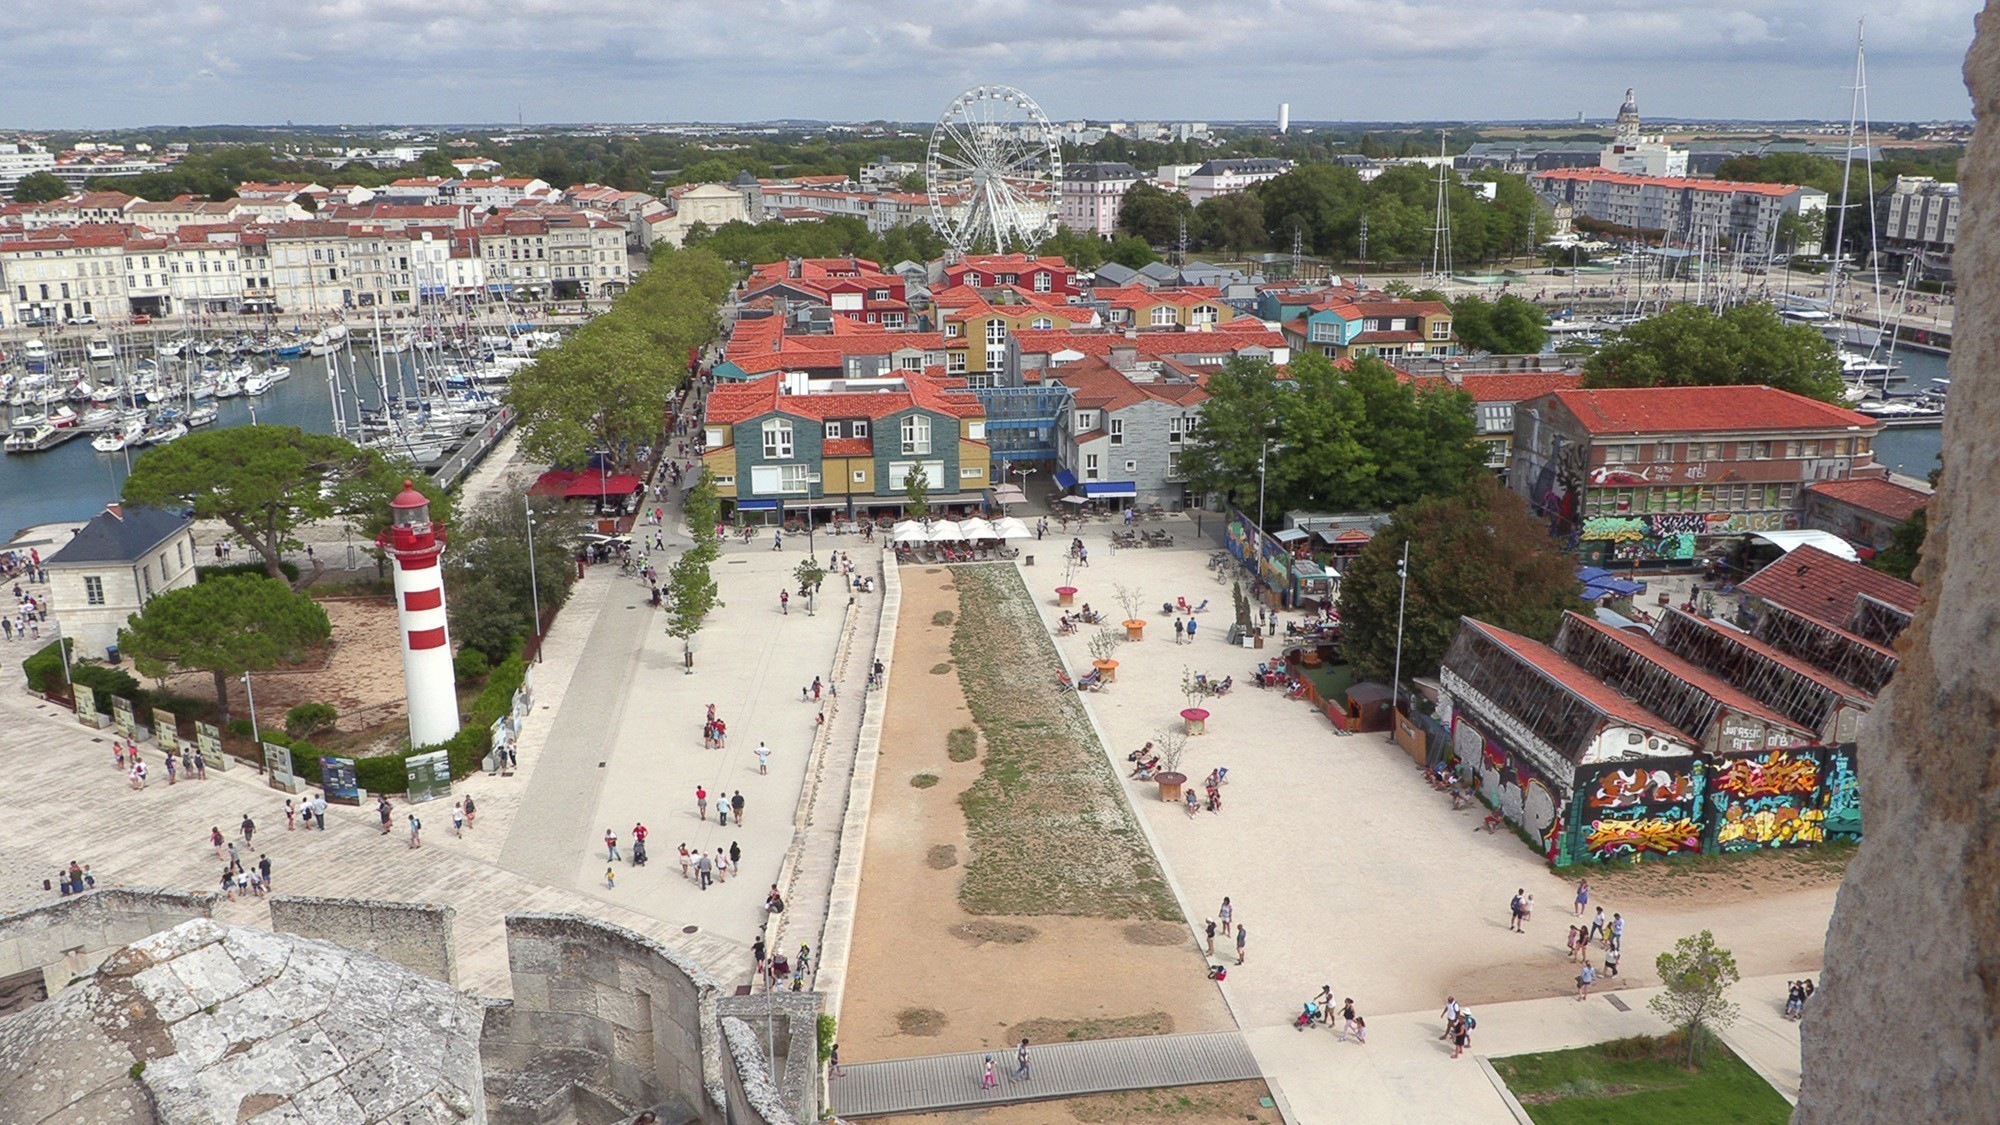 4 Bonnes Idées Pour Sortir Ce Week-End À La Rochelle Et encequiconcerne On Va Sortir La Rochelle